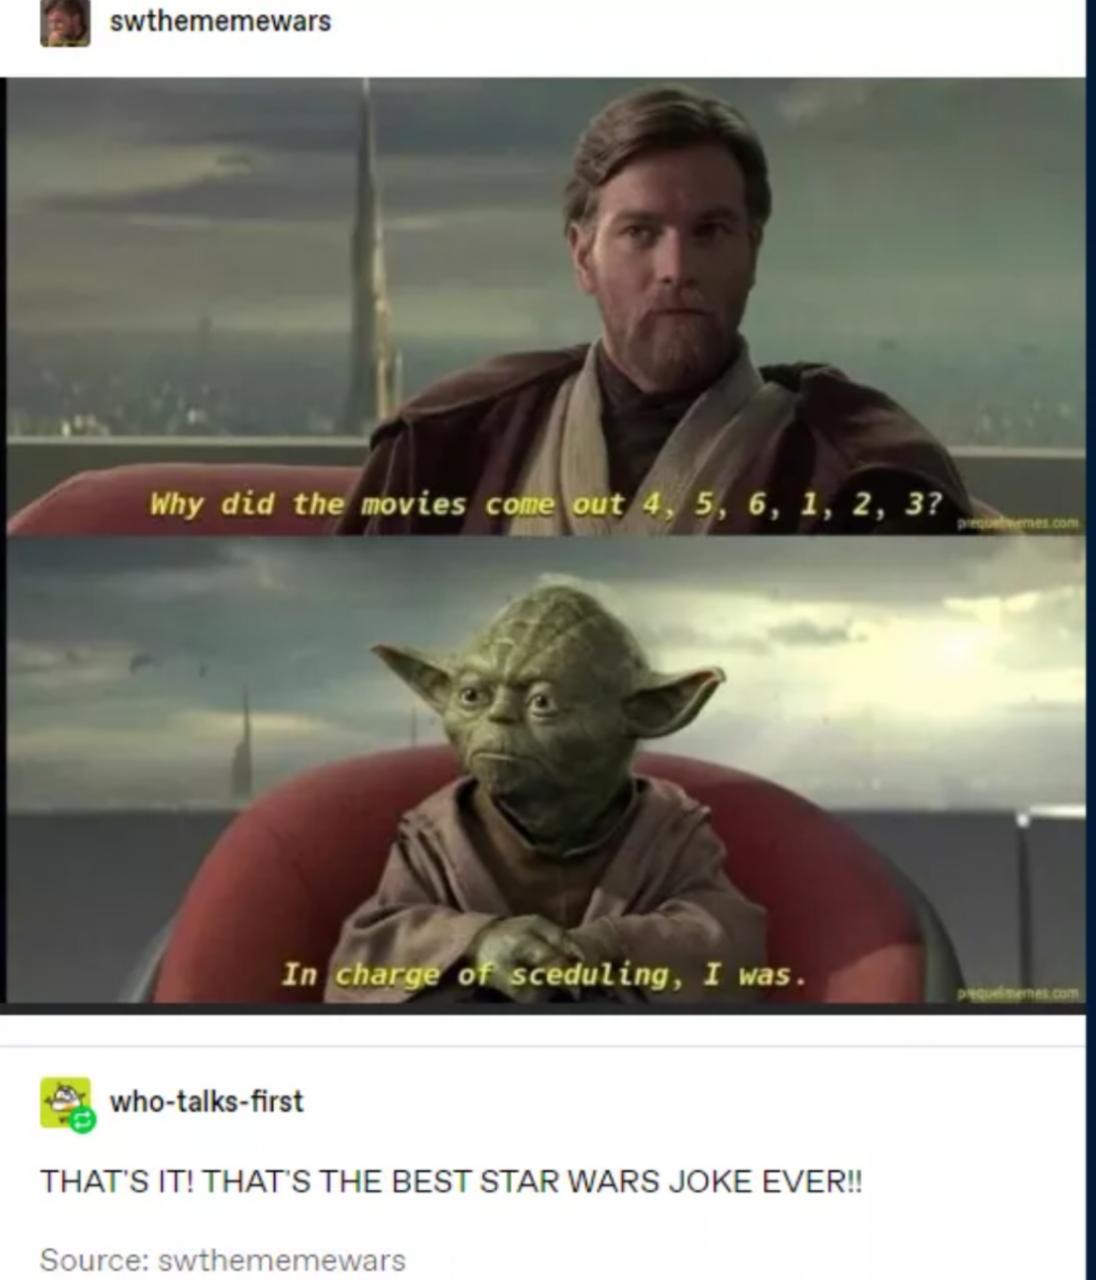 Best Star Wars joke this is.